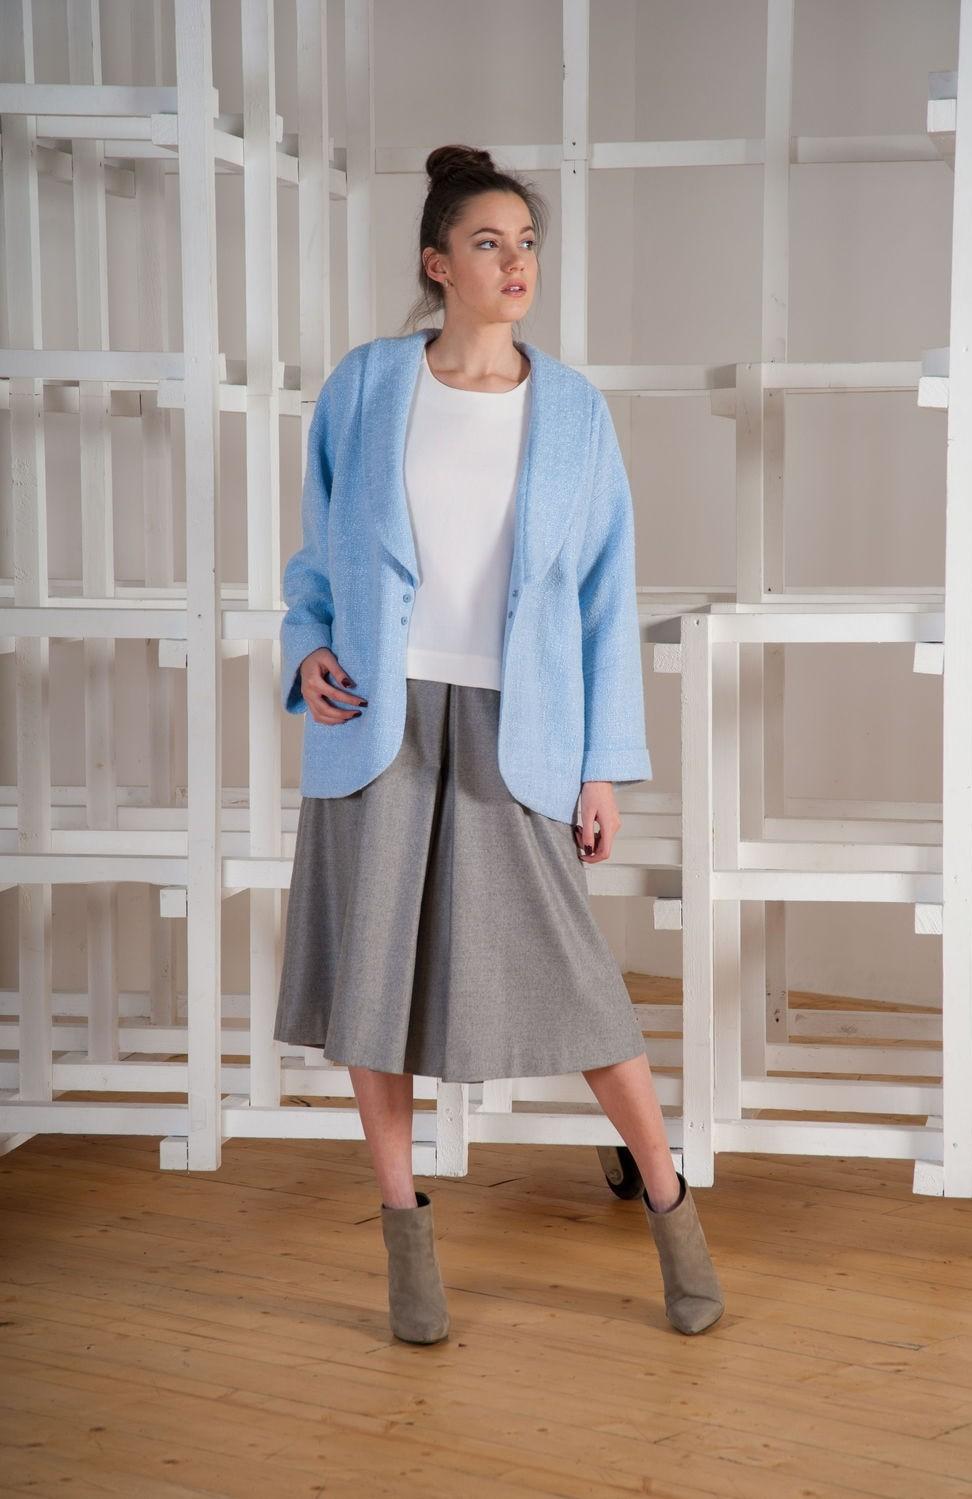 с чем носить серую юбку: юбка шорты серая по колено под синий жакет